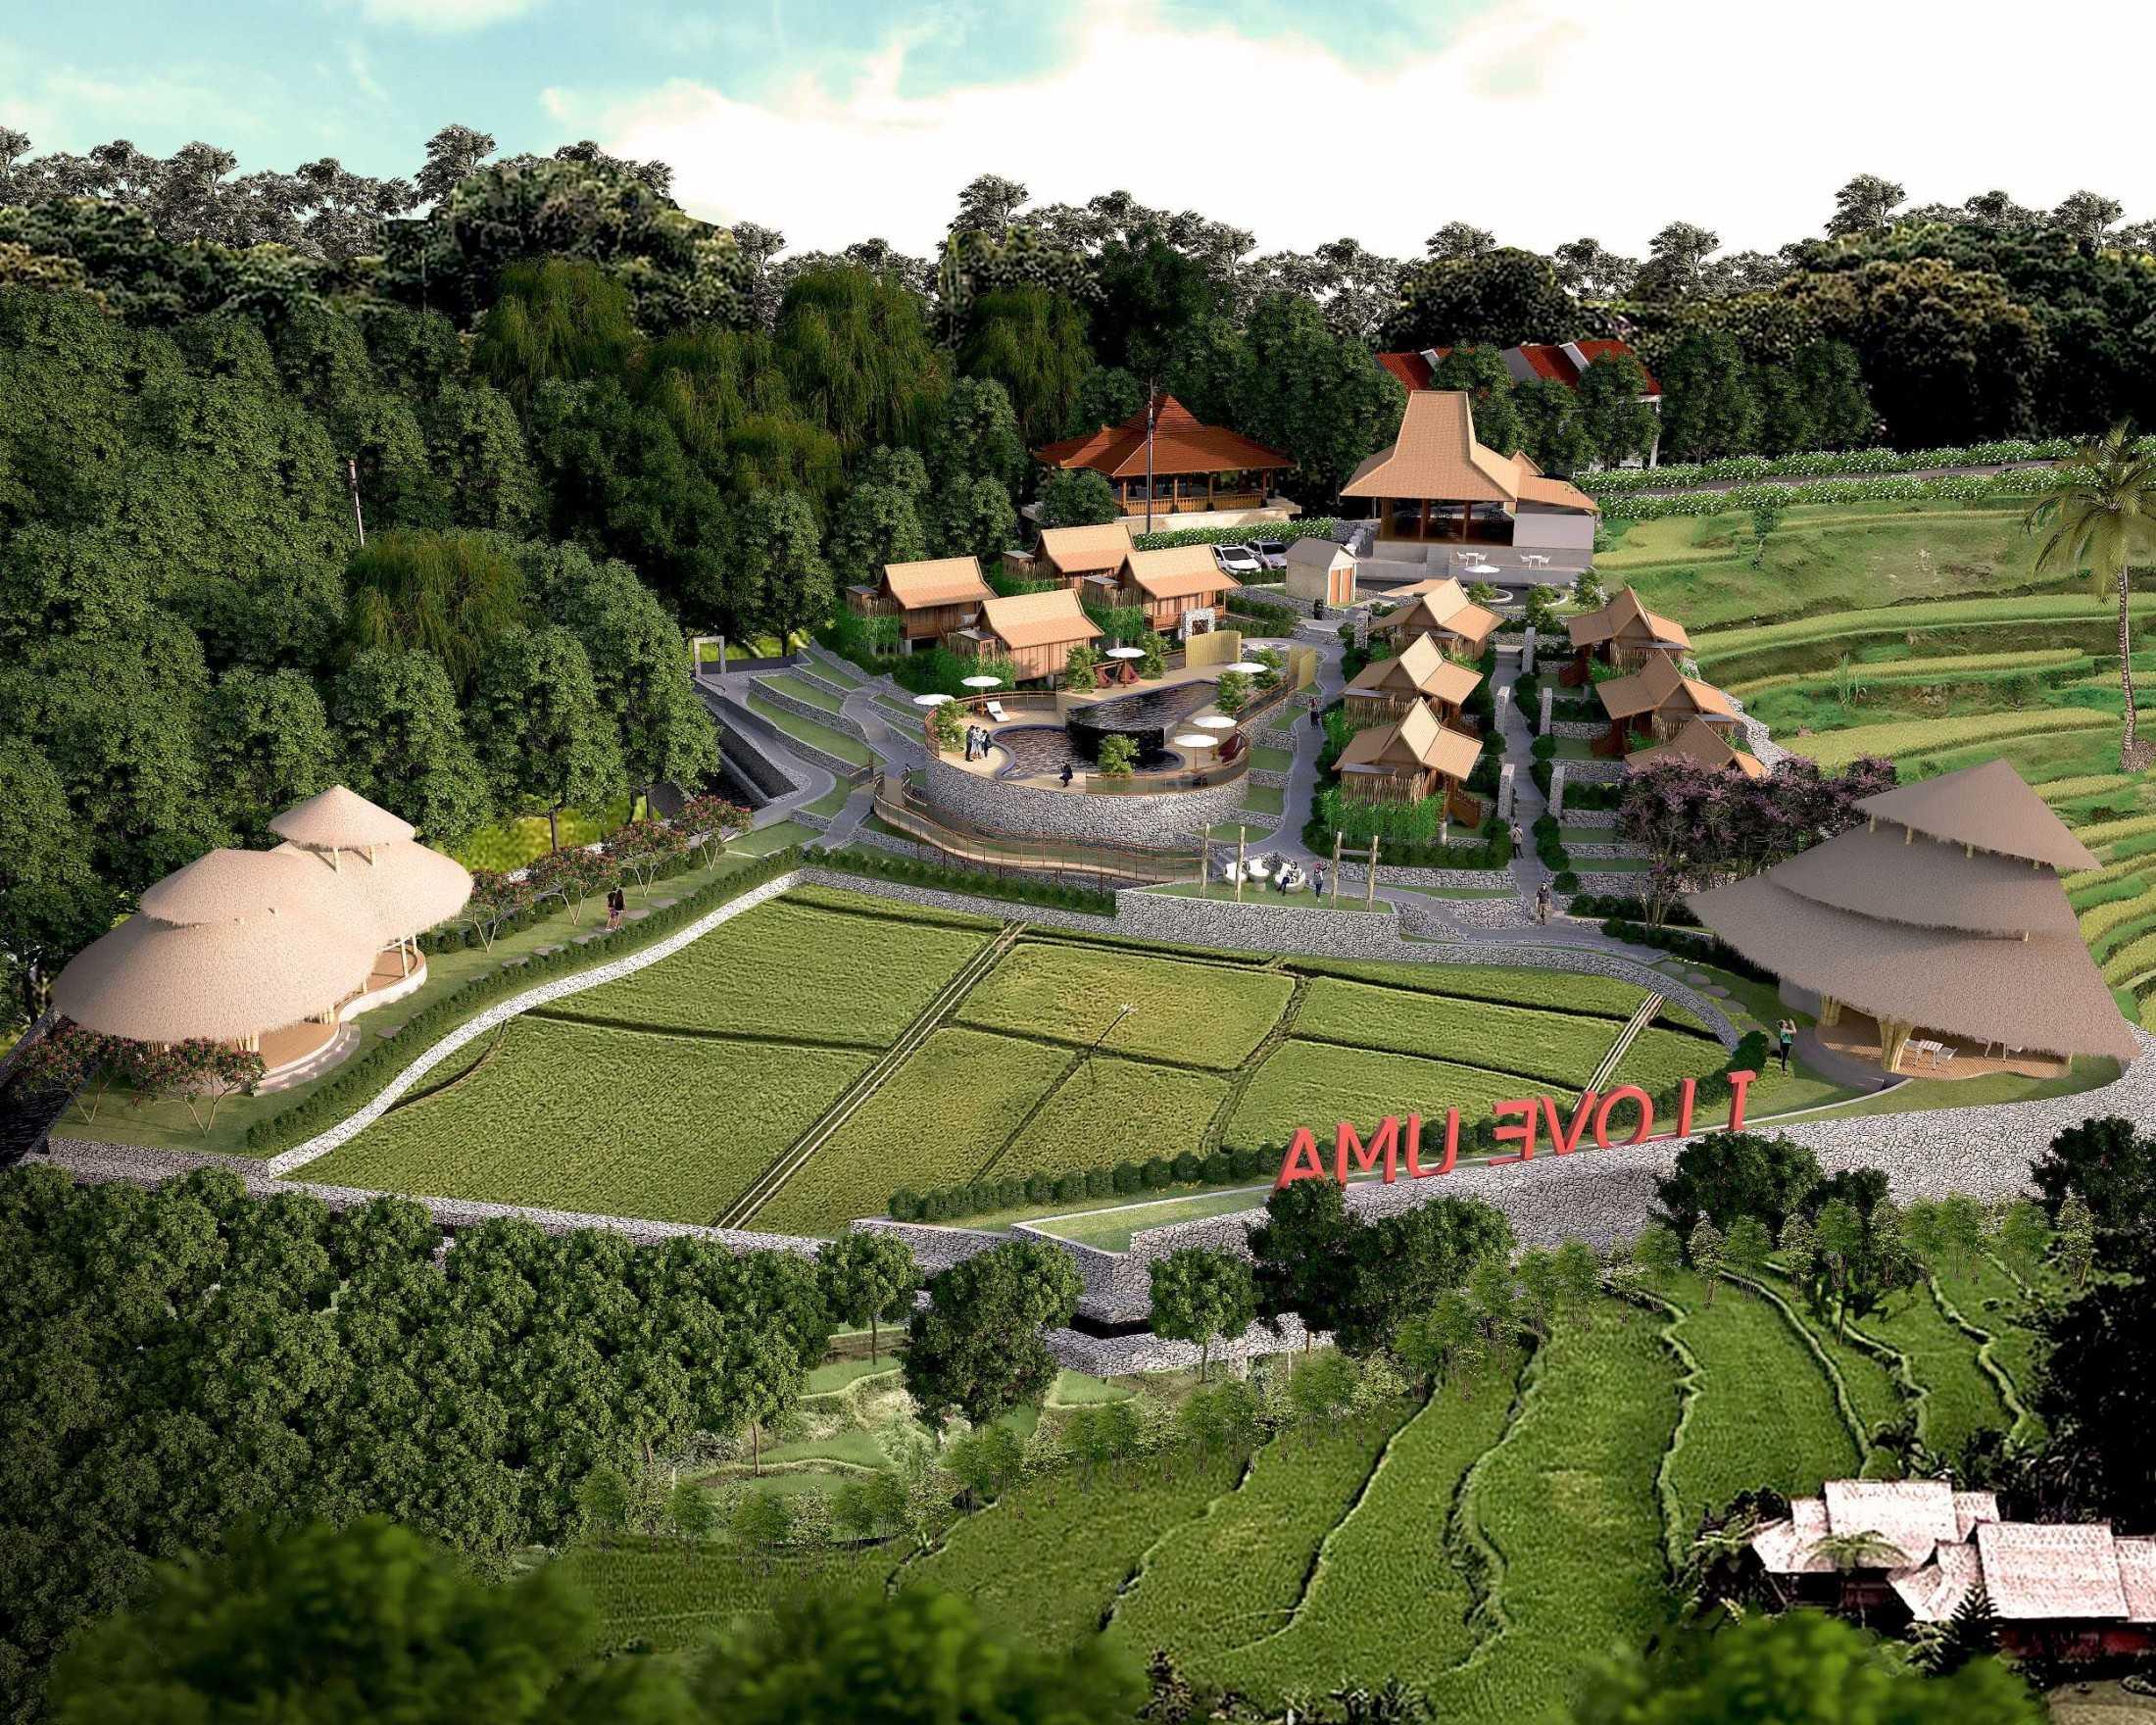 Goldmonk Architects Konseptual Villa Gladak Tibubeneng, Kuta Utara, Kabupaten Badung, Bali, Indonesia Tibubeneng, Kuta Utara, Kabupaten Badung, Bali, Indonesia Goldmonk-Architects-Konseptual-Villa-Gladak  63880